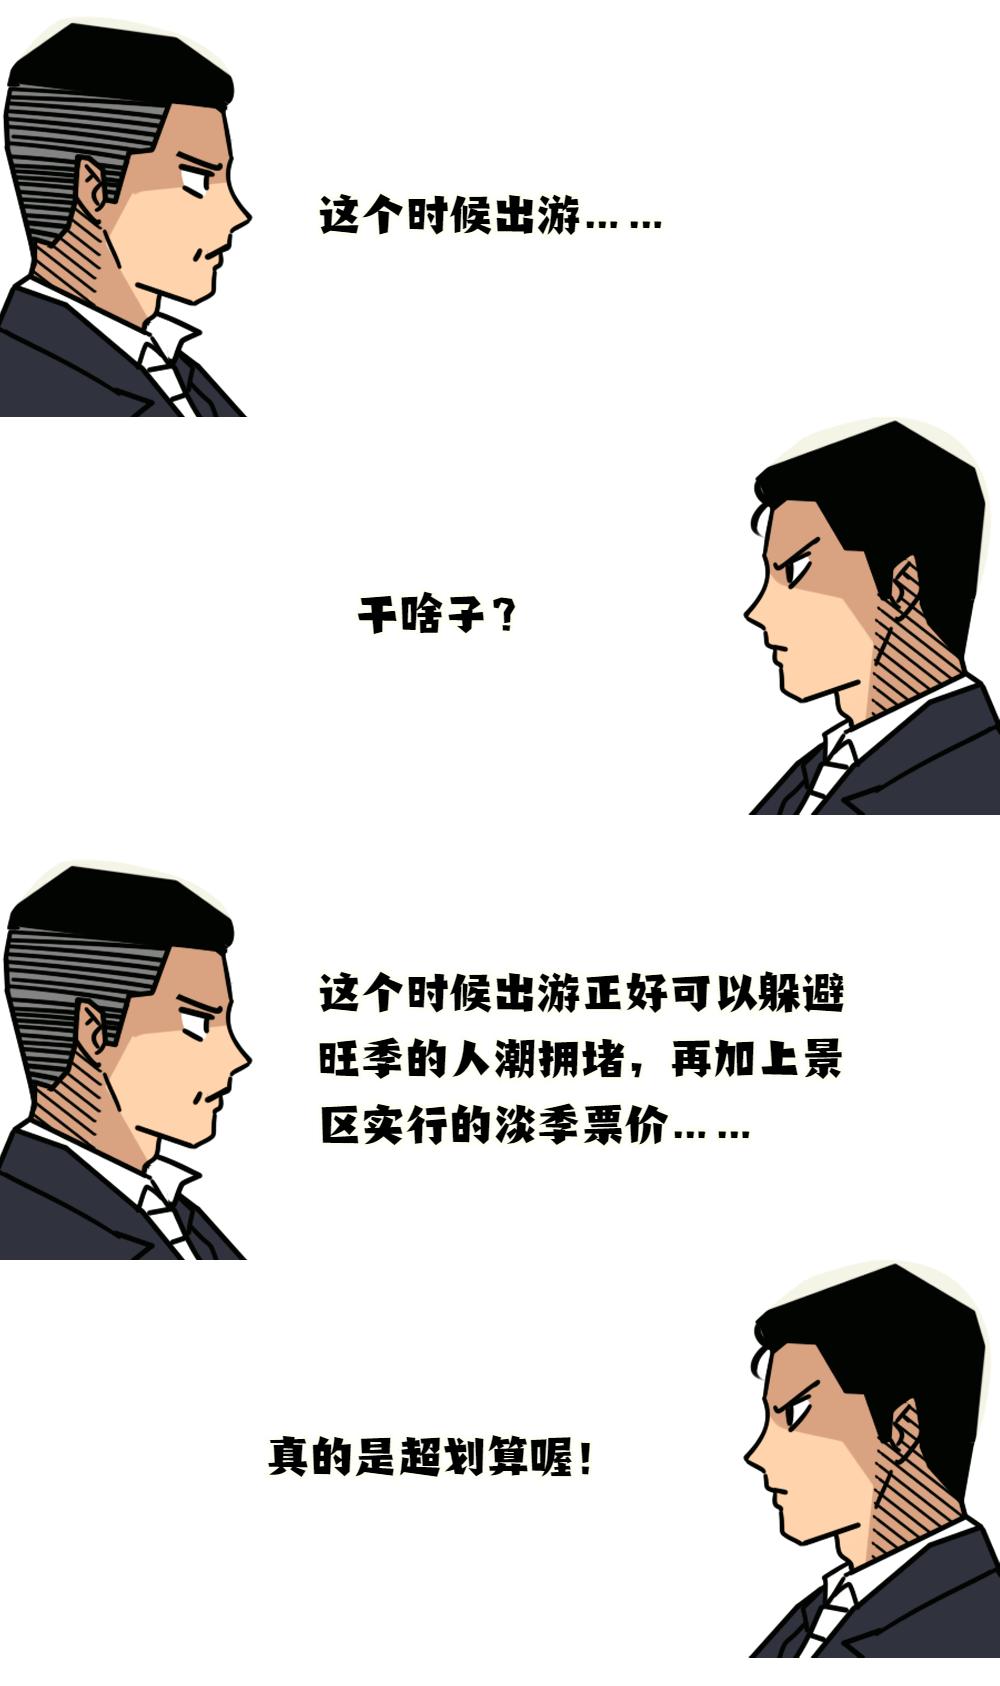 职场黑话问答公众号条漫文章长图.png